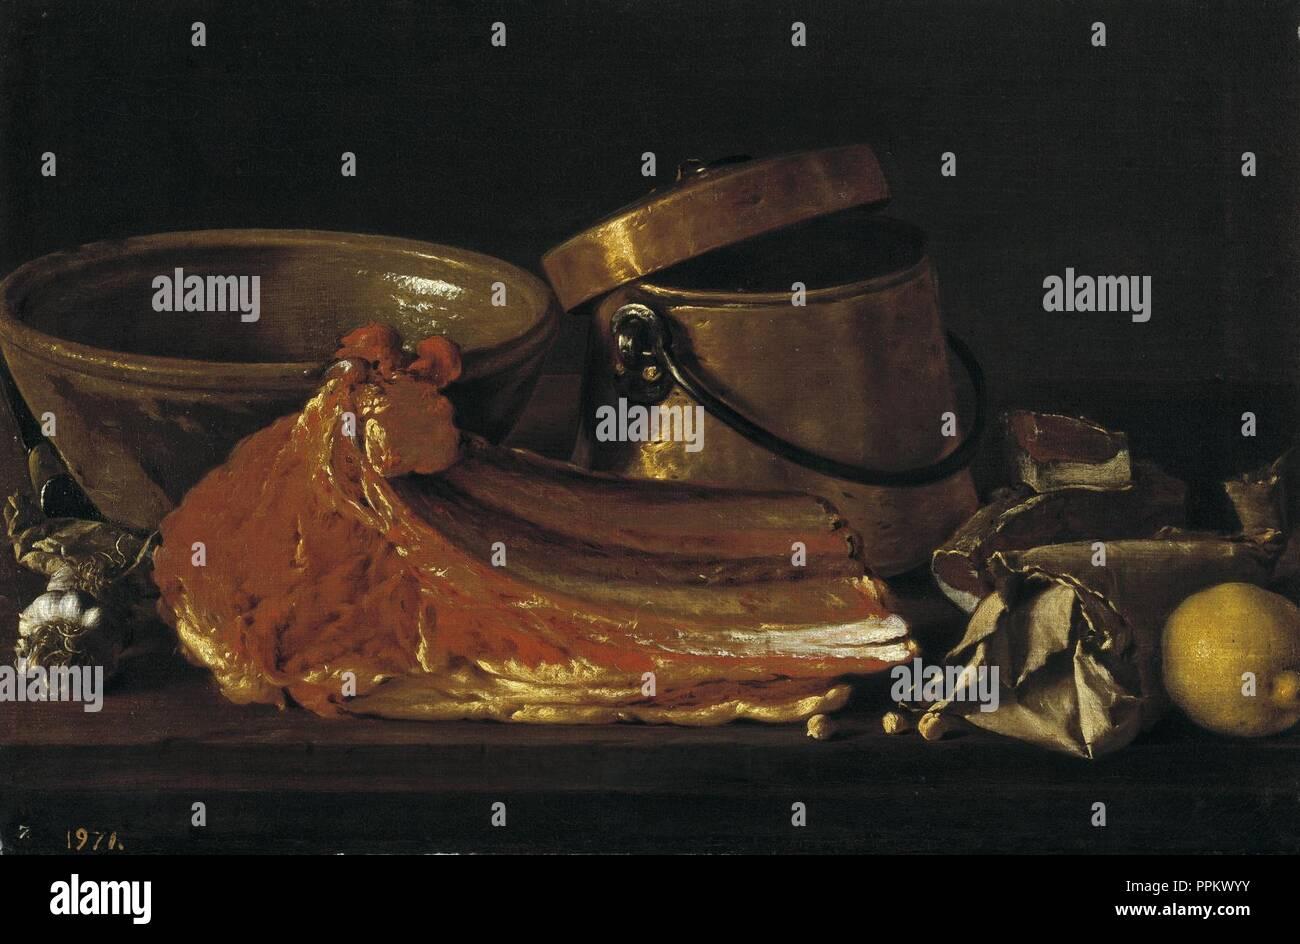 Bodegón chuletón, condimentos y recipientes,-meléndez. Stock Photo